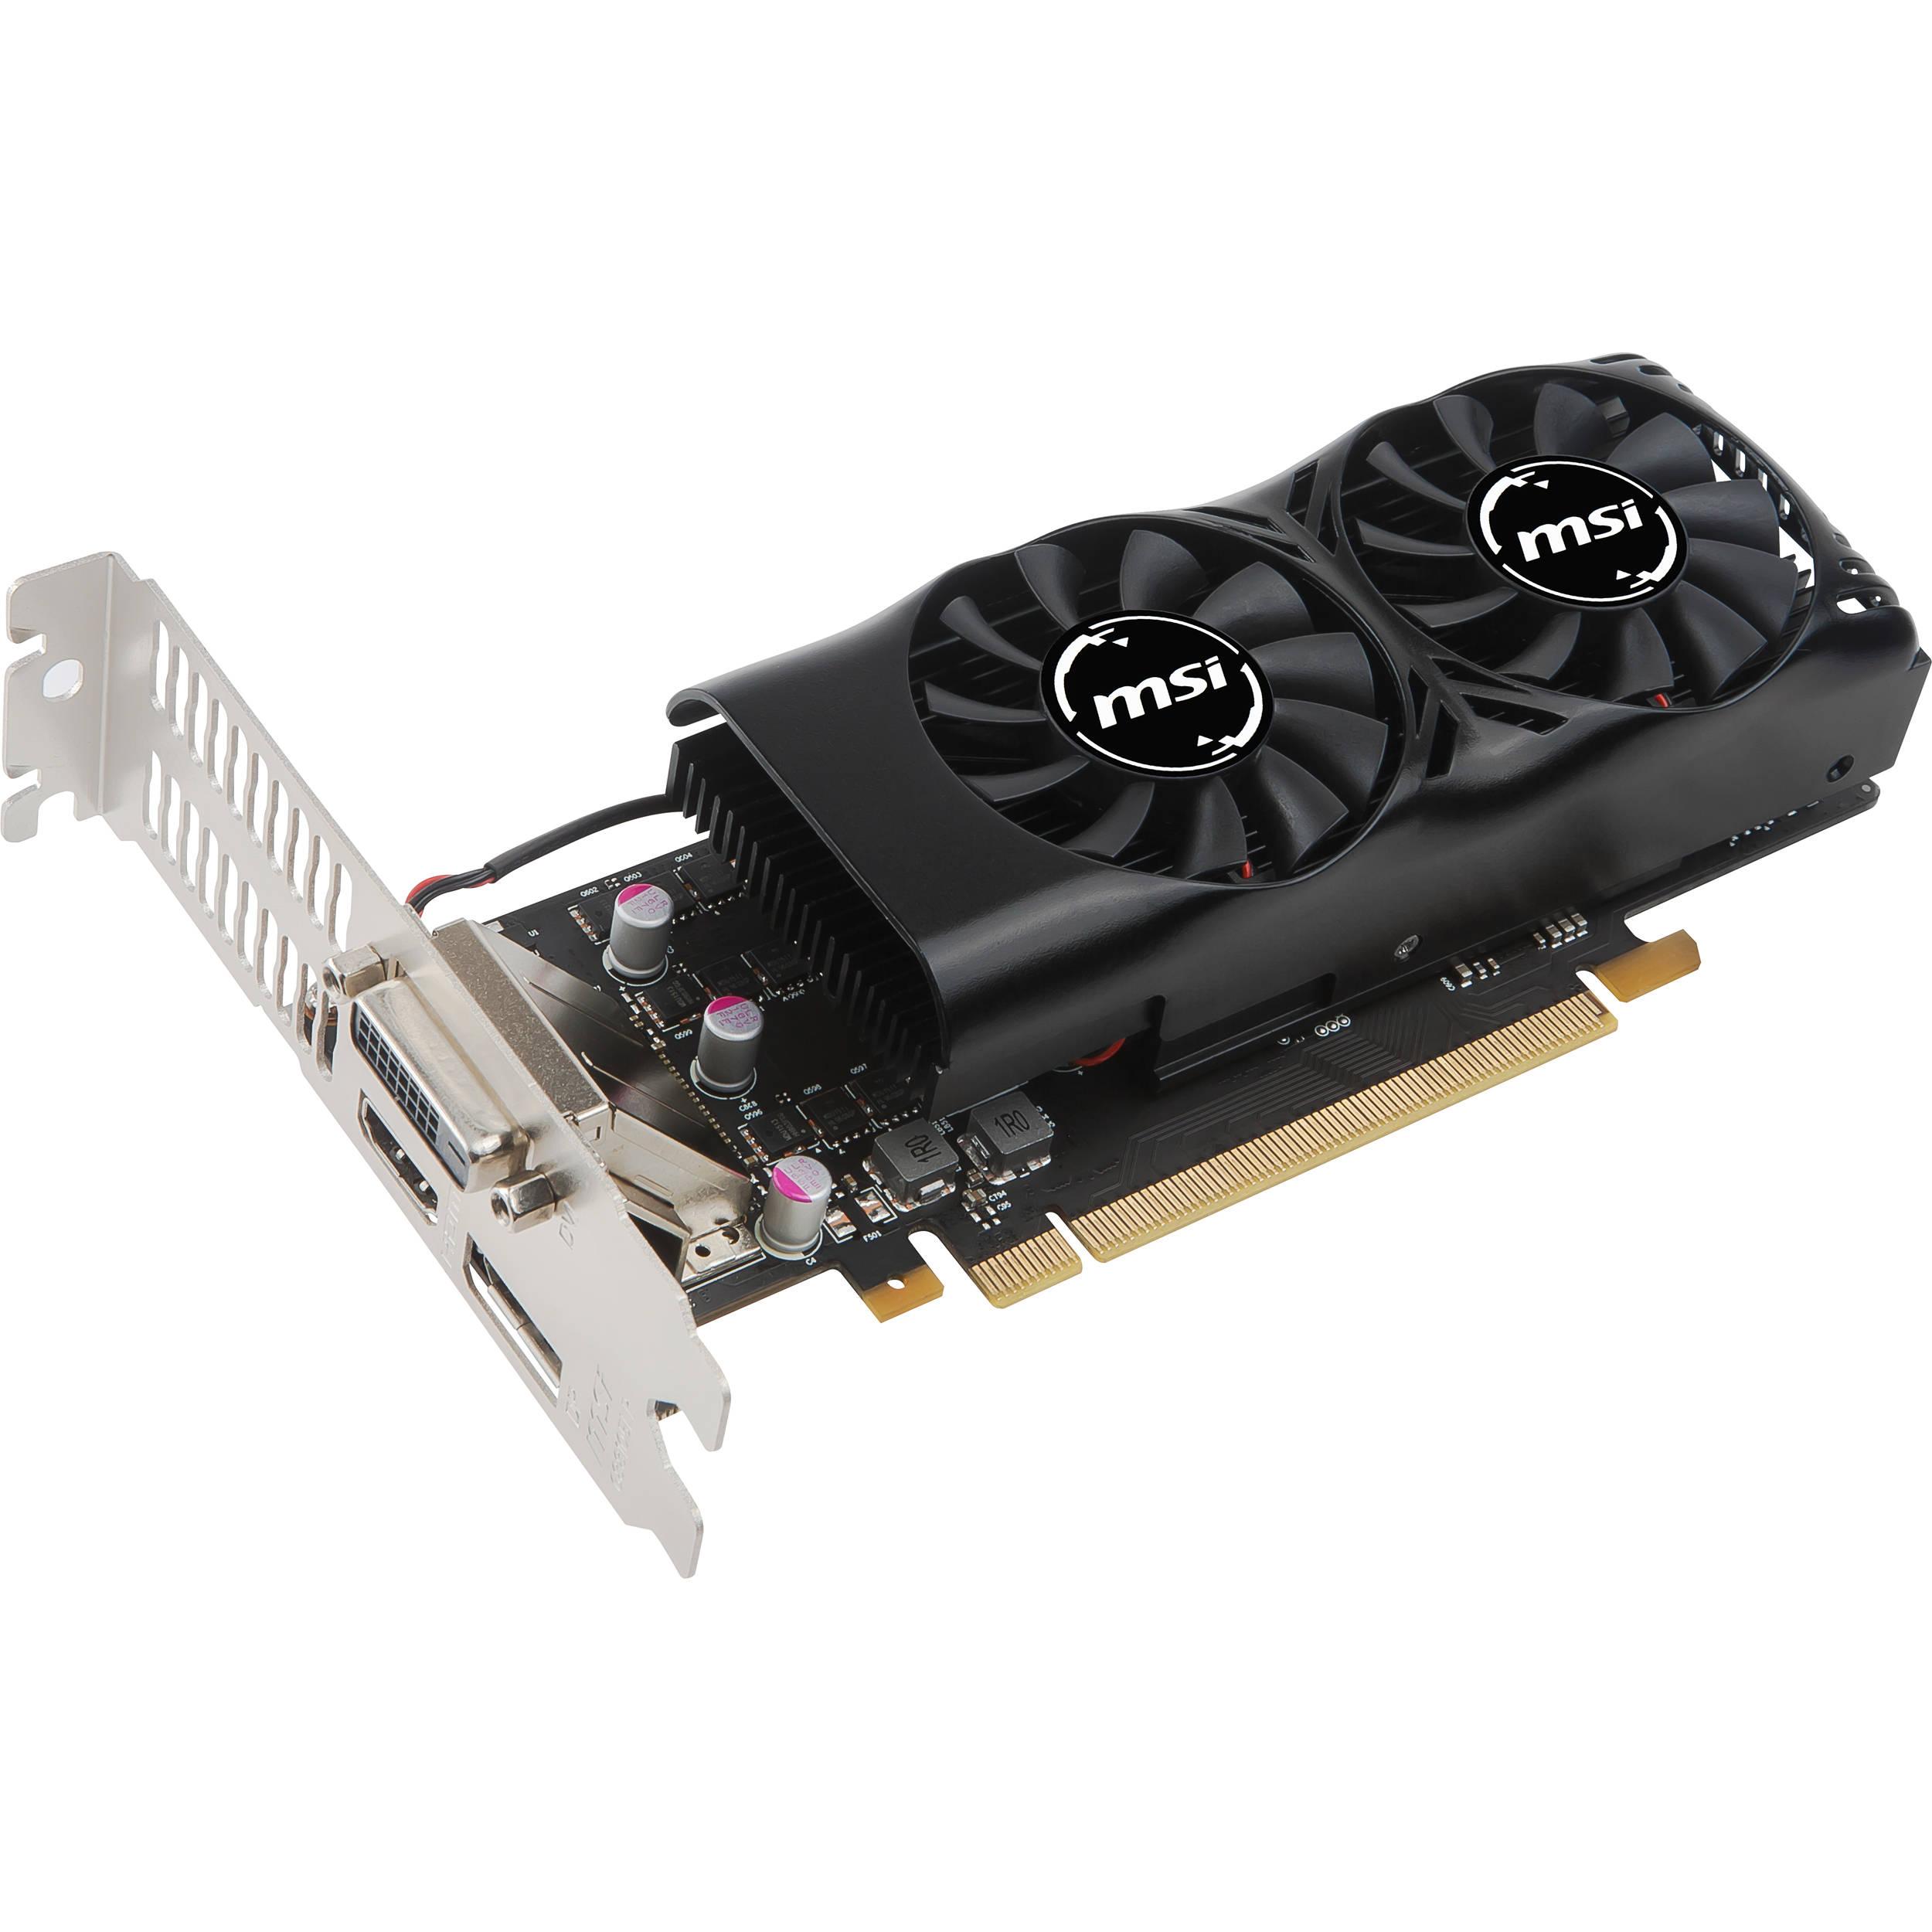 MSI GeForce GTX 1050 Ti 4GT Low Profile Graphics Card